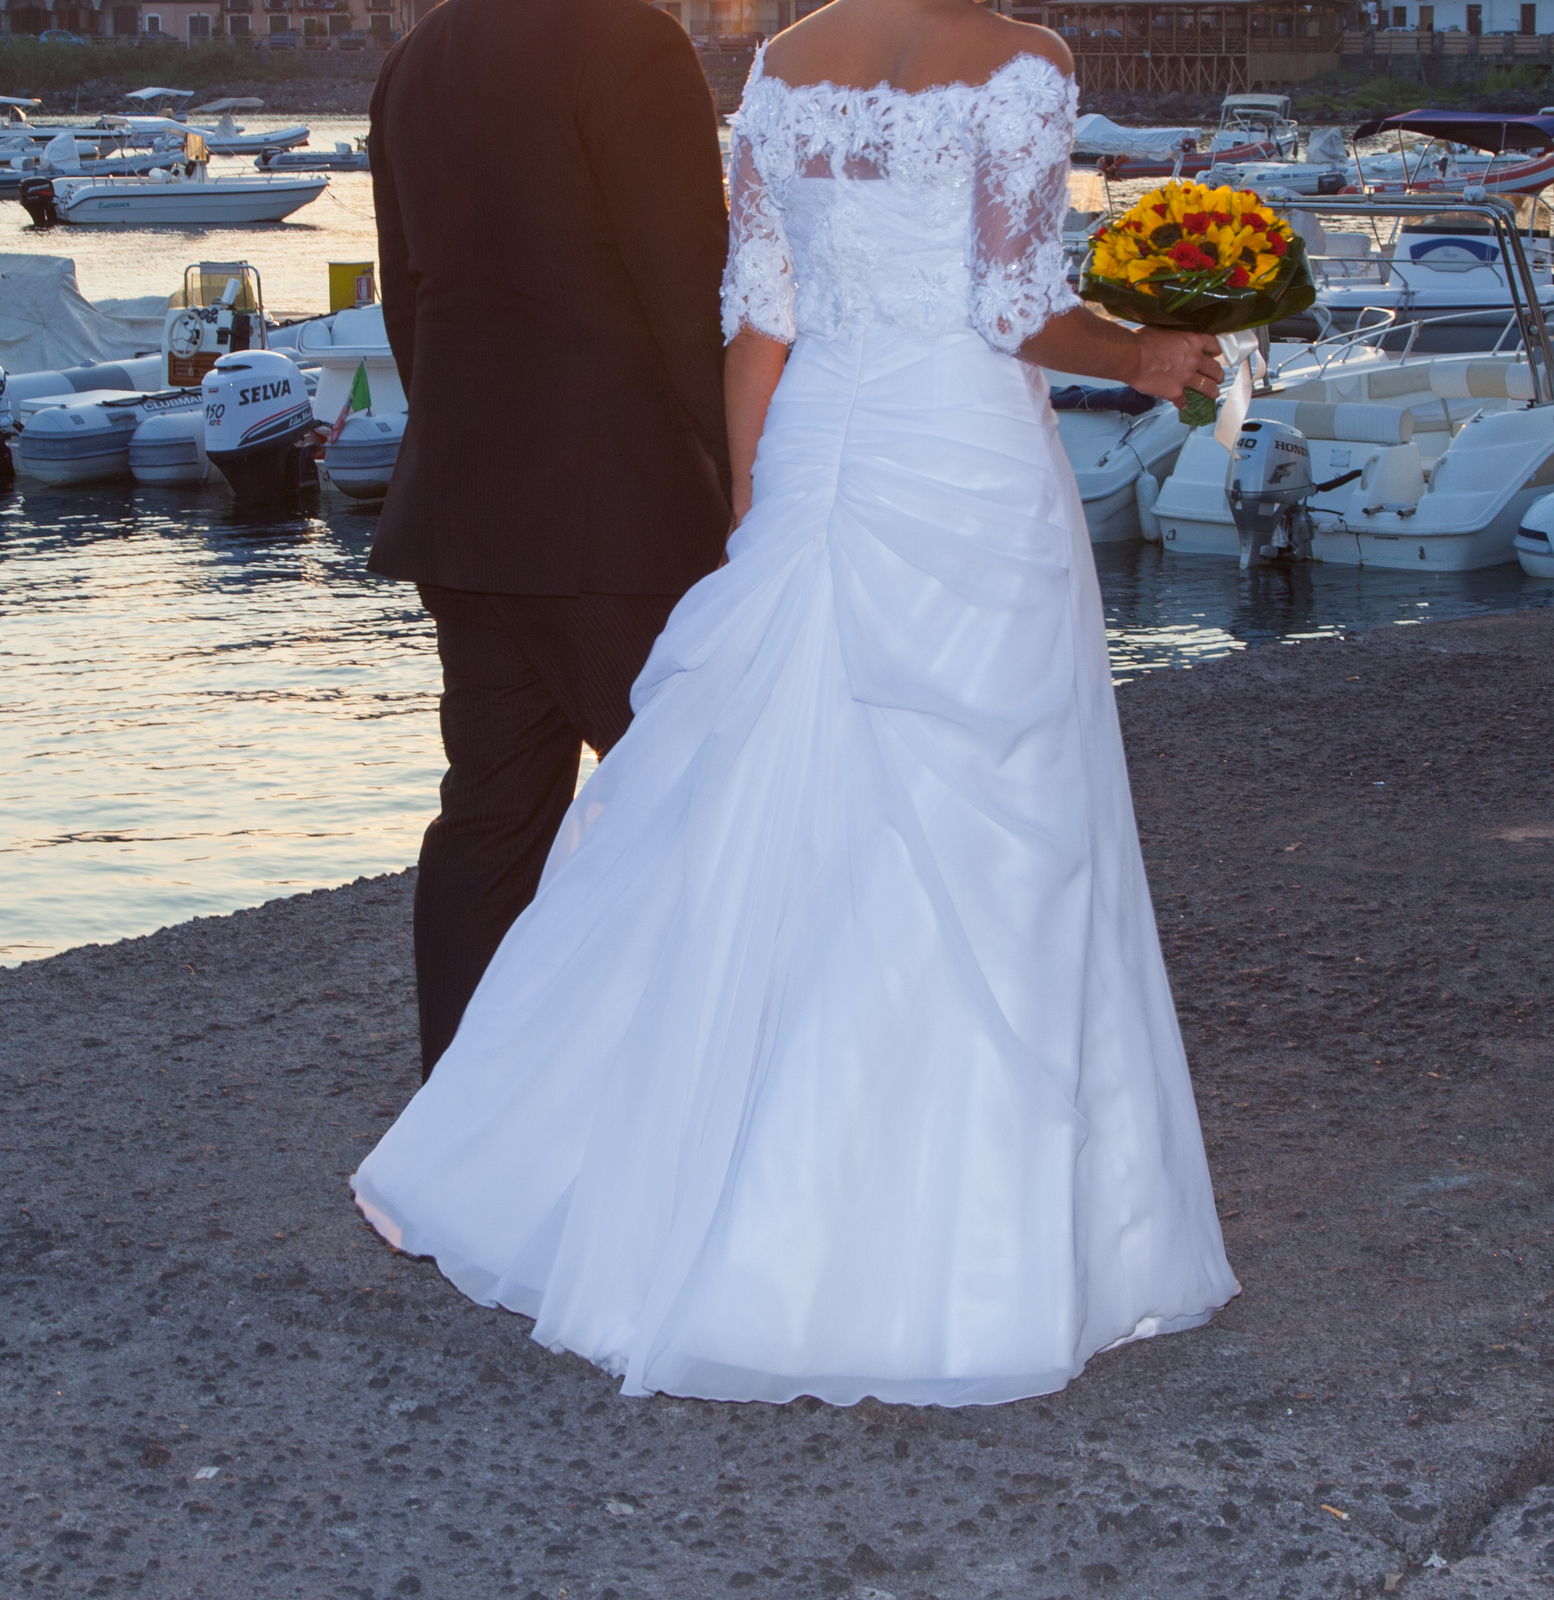 Sposa - settembre 2014